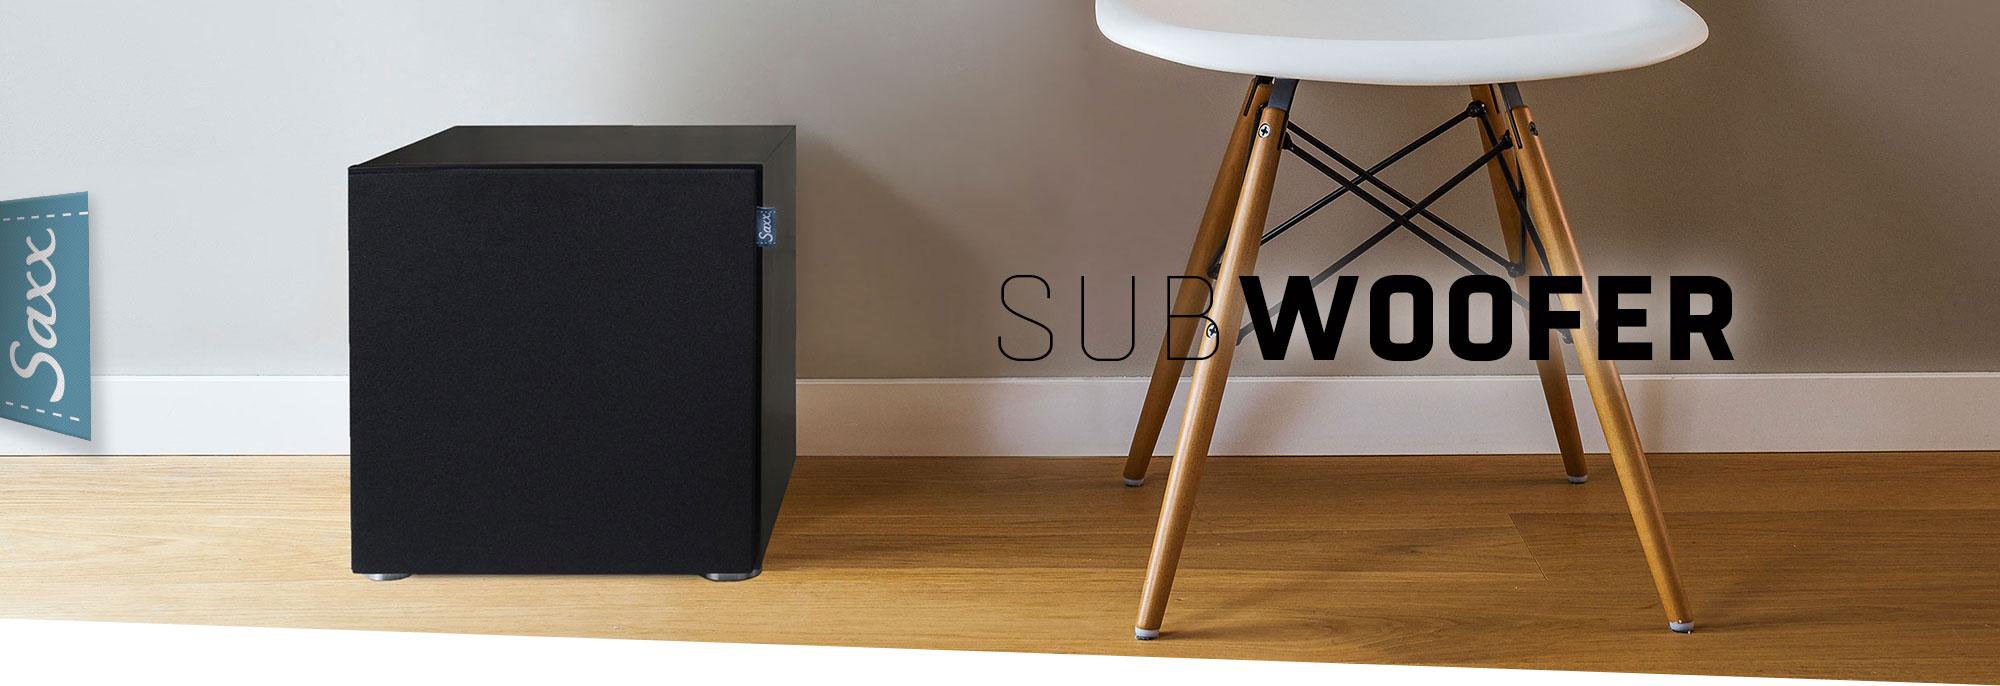 heimkino kaufen finest ultima surround set jetzt kaufen mit ultima mk heimkino und auf hohem n. Black Bedroom Furniture Sets. Home Design Ideas